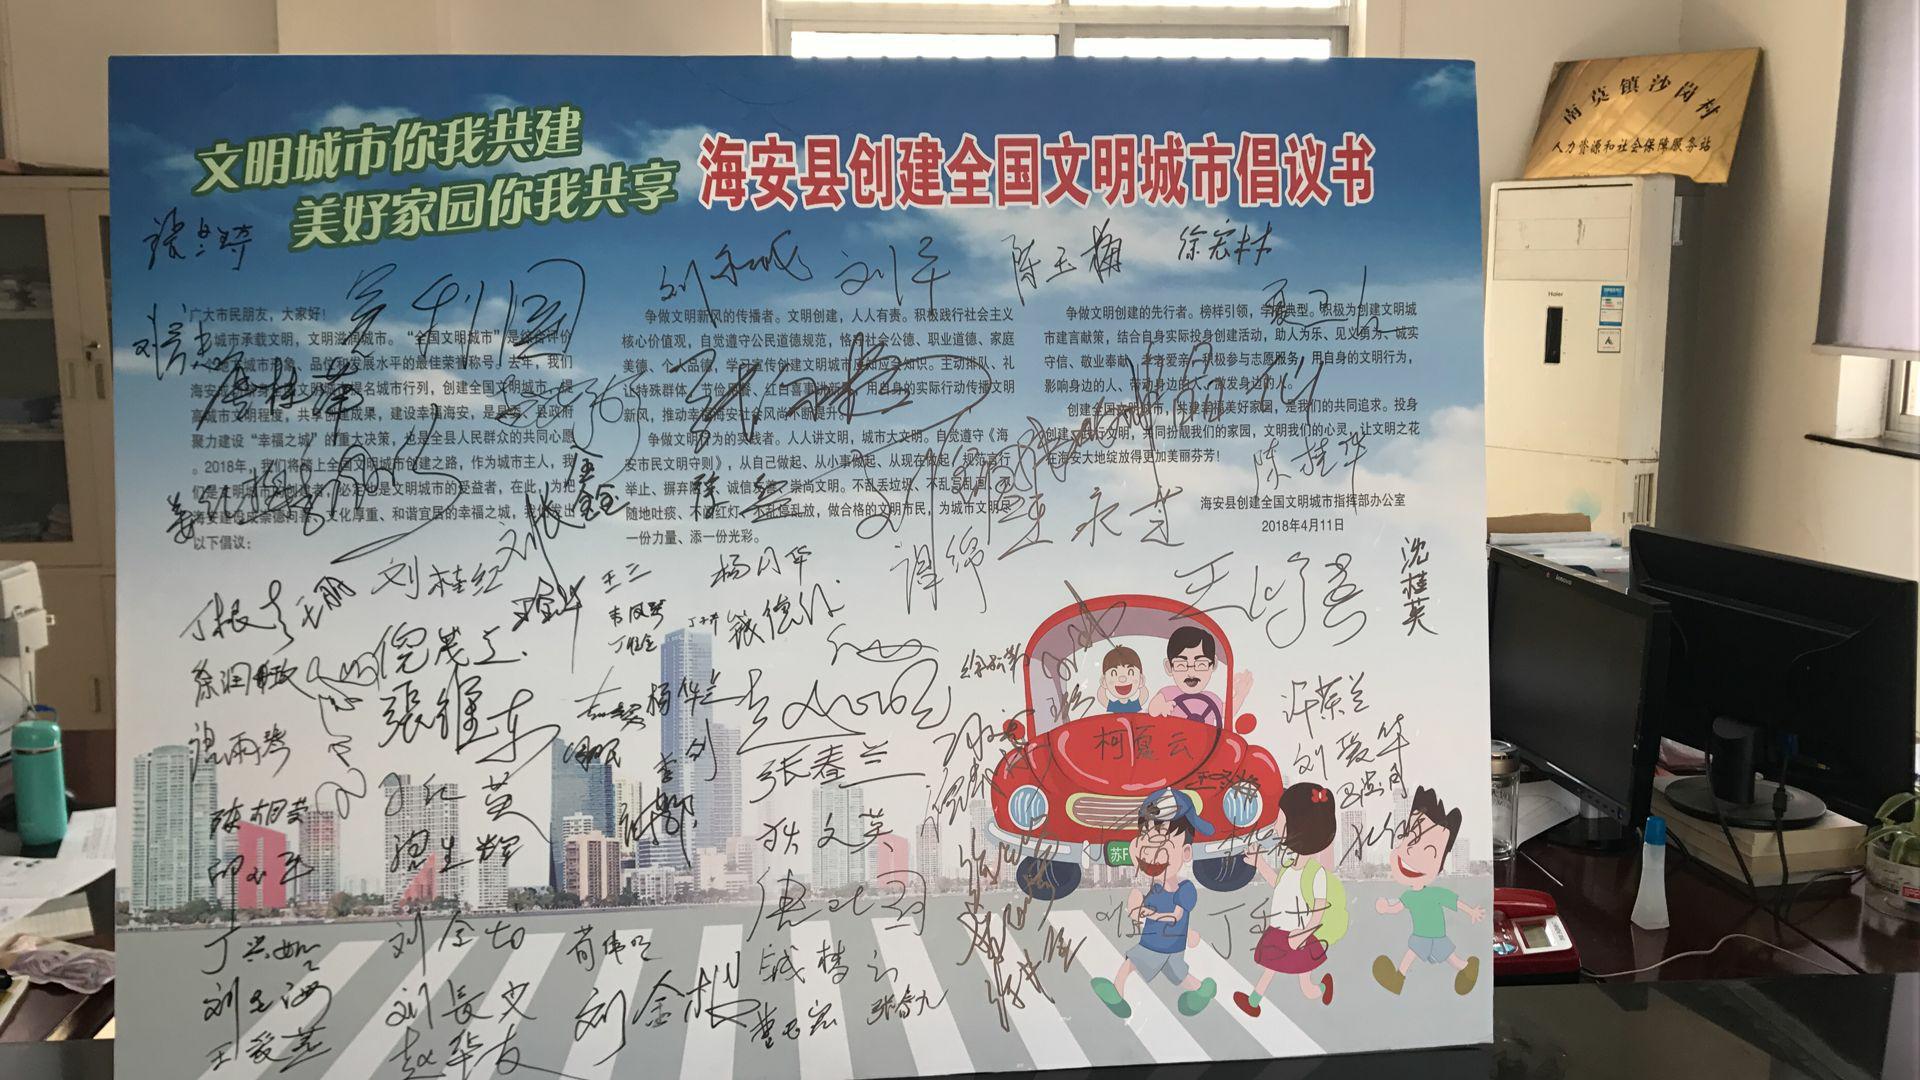 沙岗村村委会还让村民积极参与海安县创建全国文明城市签名活动.